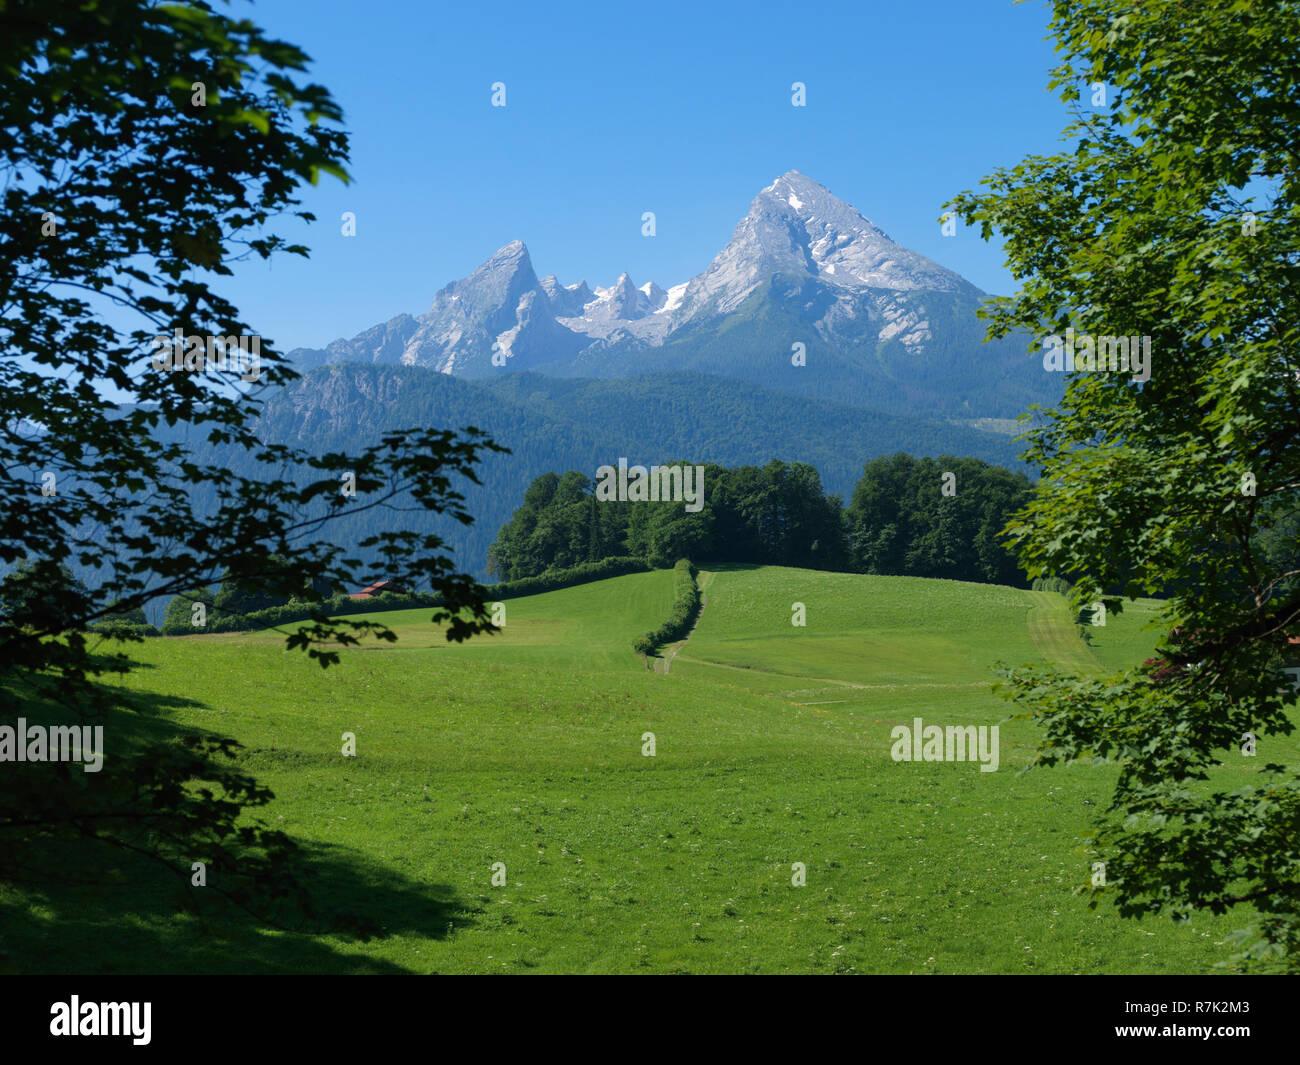 Blick auf den Watzmann, Berchtesgaden, Berchtesgadener Land, Oberbayern, Bayern, Deutschland, Europa |  Mount Watzmann, Berchtesgaden, Berchtesgadener - Stock Image